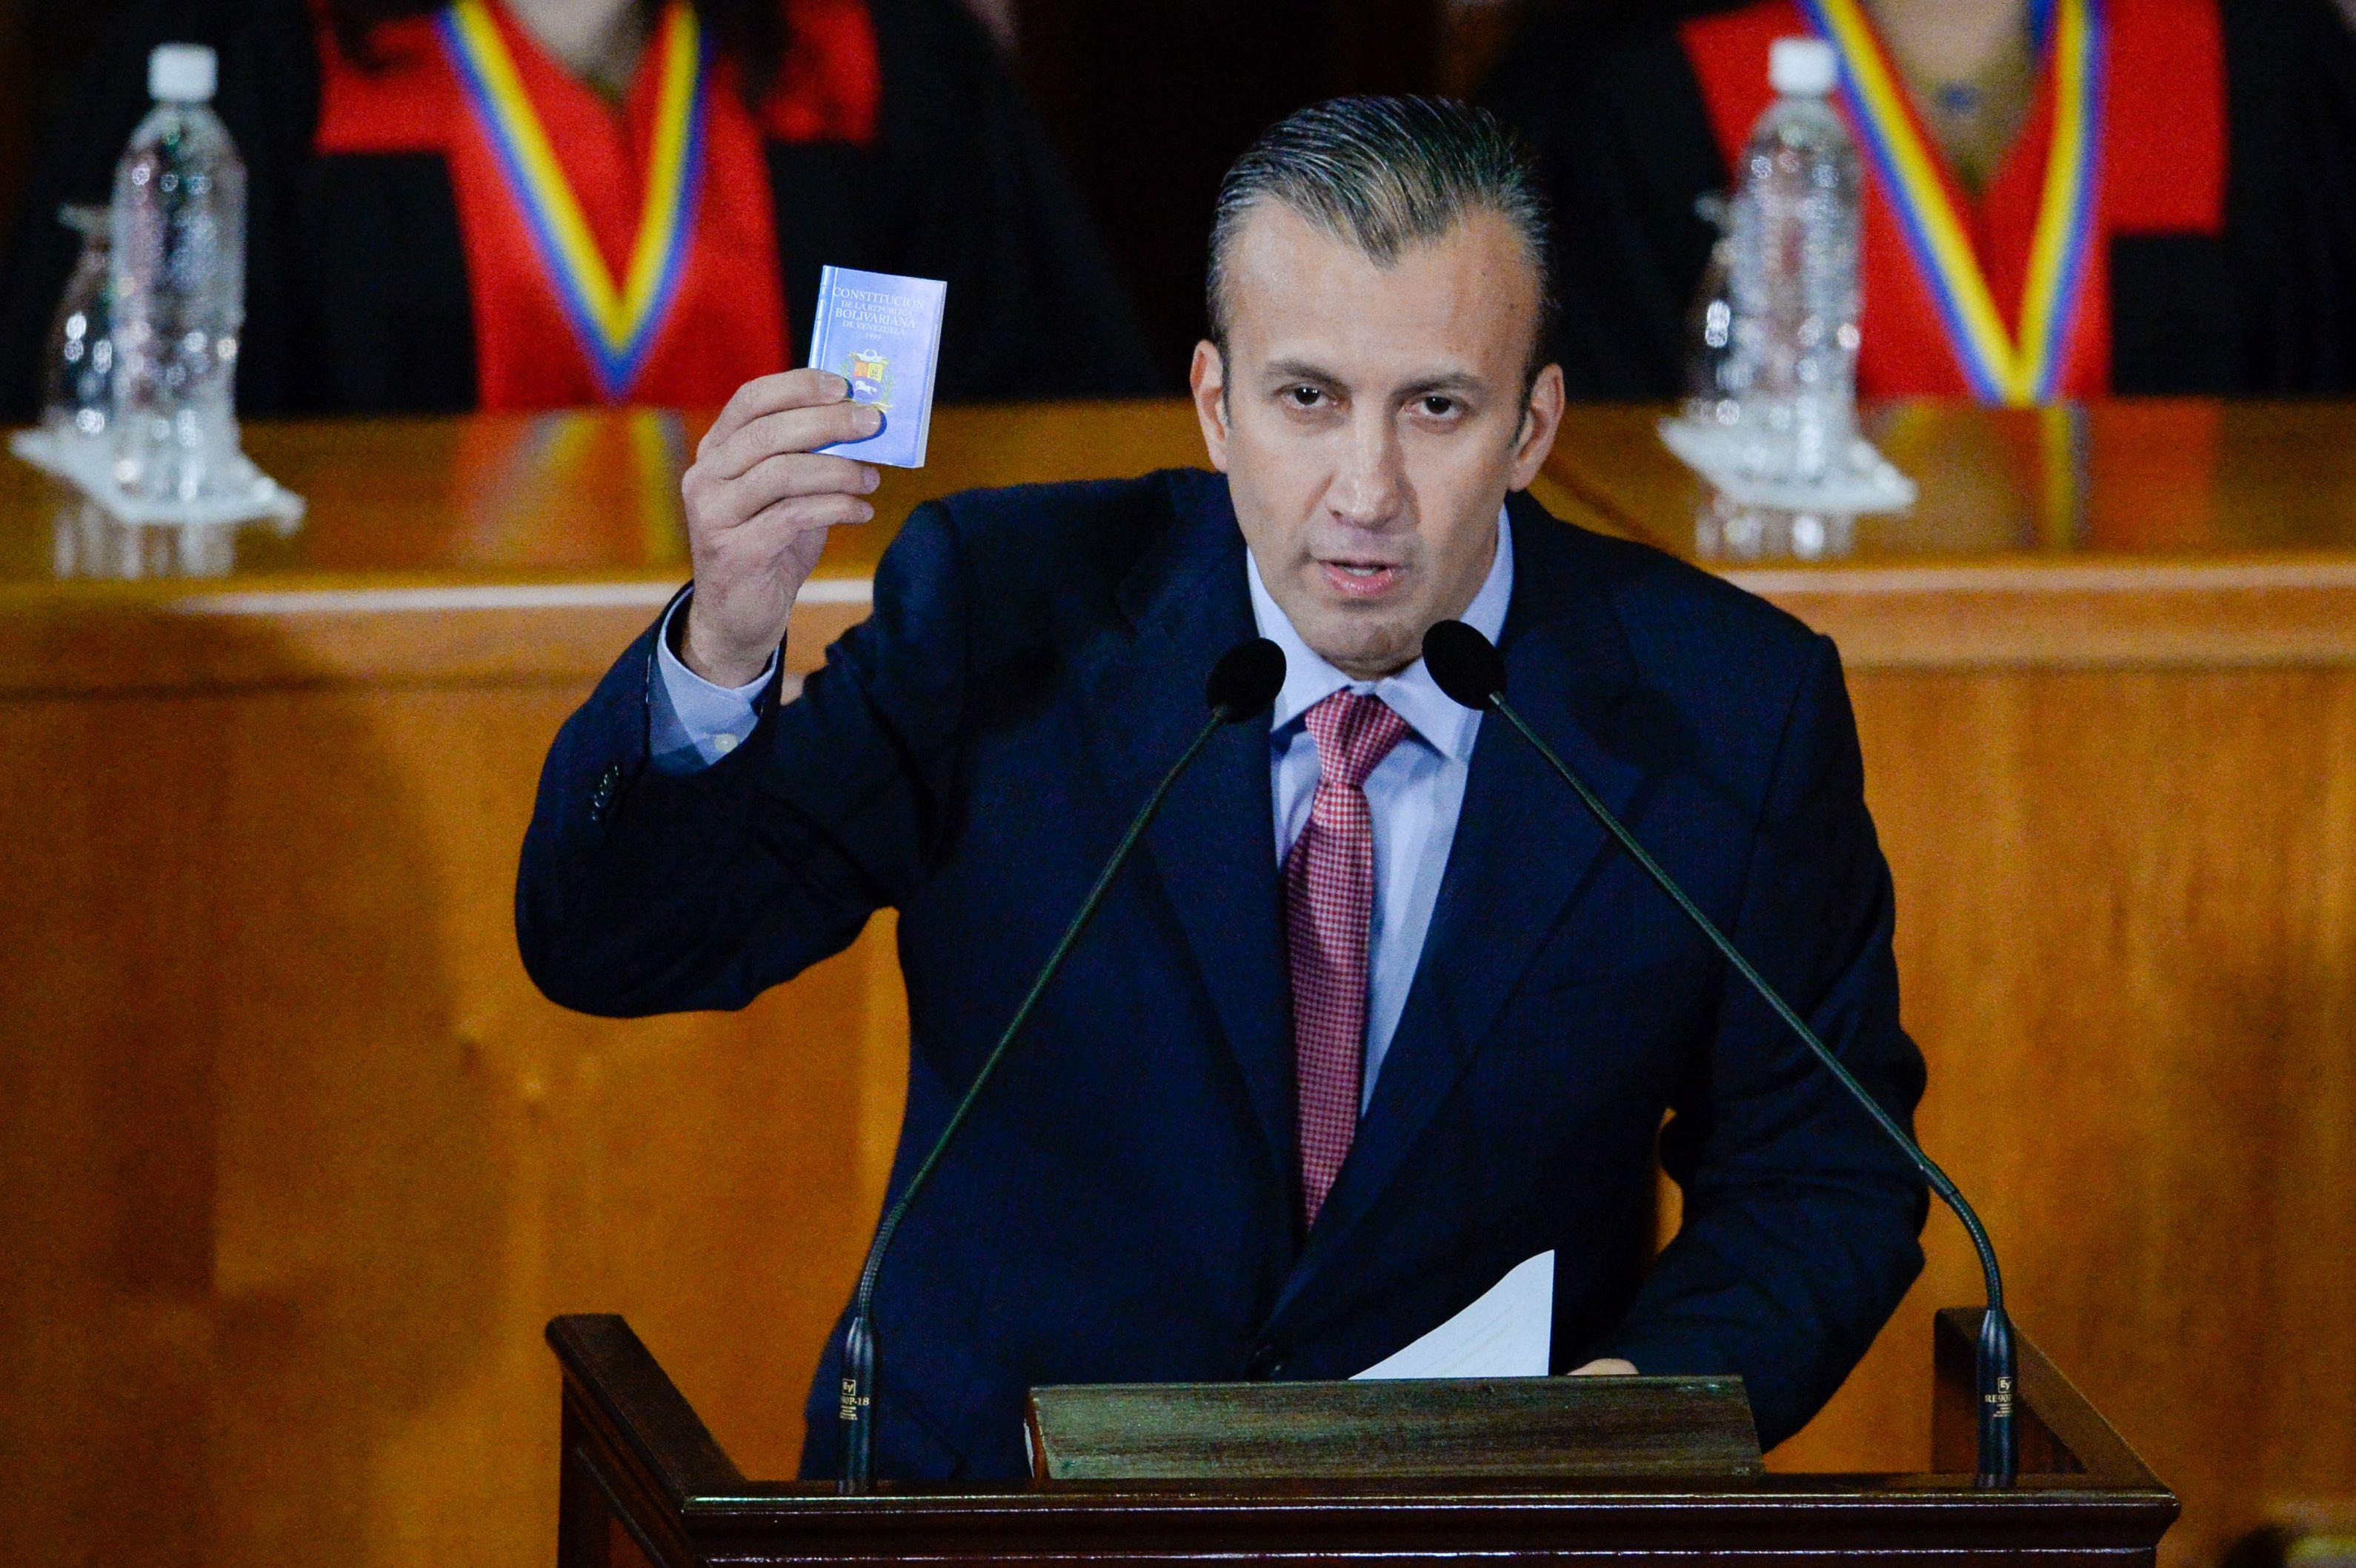 委內瑞拉前副總統違反制裁 美提出刑事指控